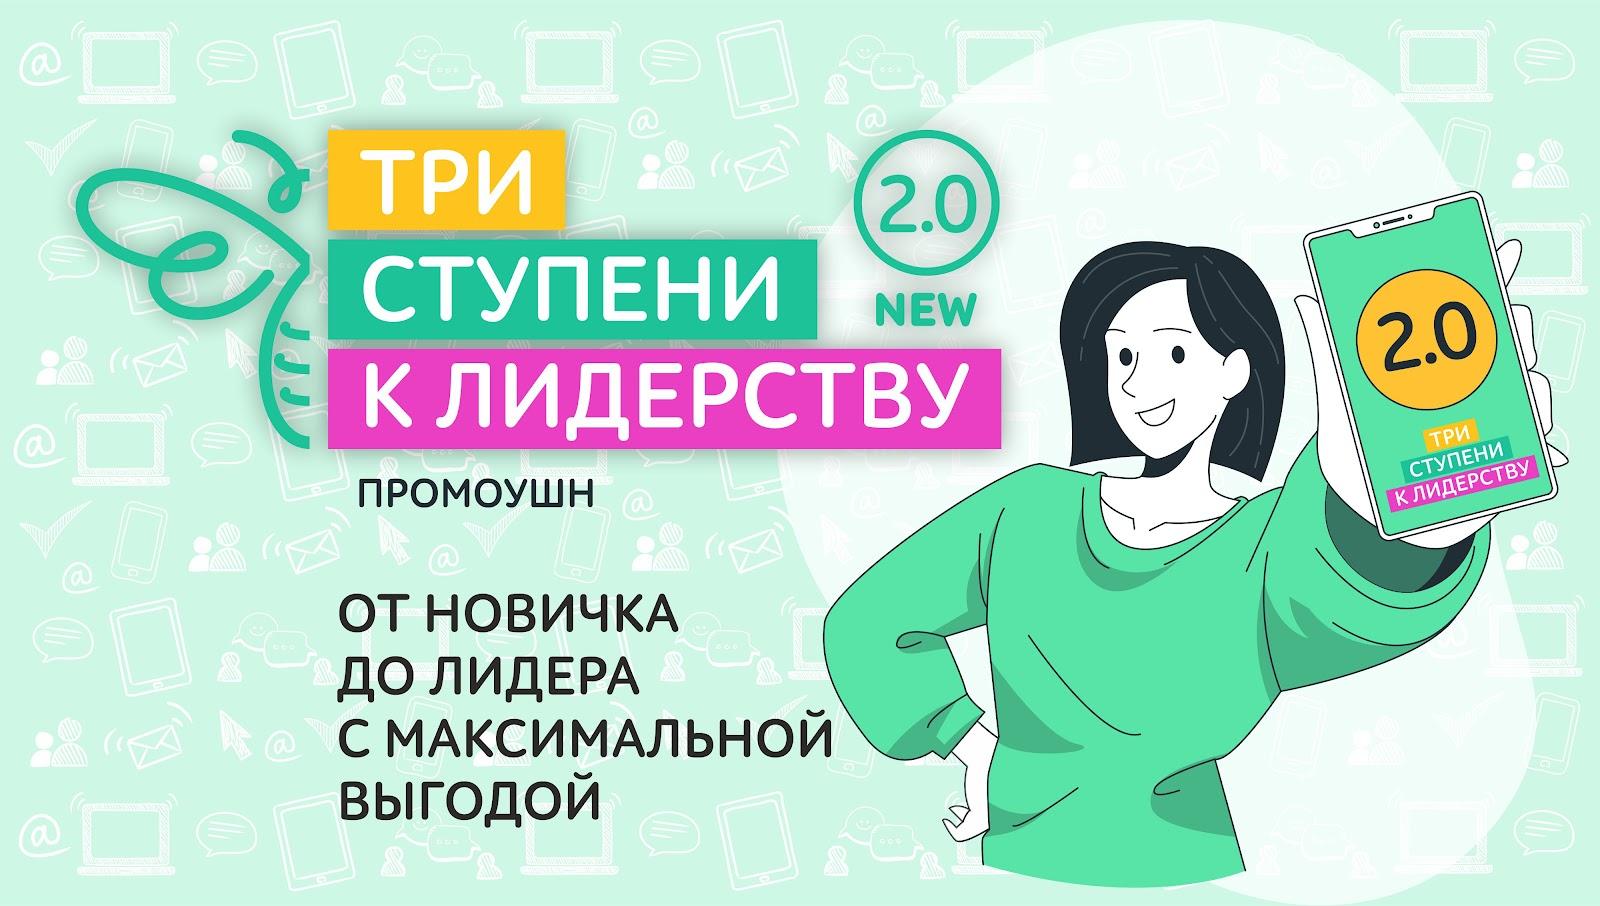 1 апреля стартовал промоушн ТЕНТОРИУМ® «Три ступени к лидерству 2.0»